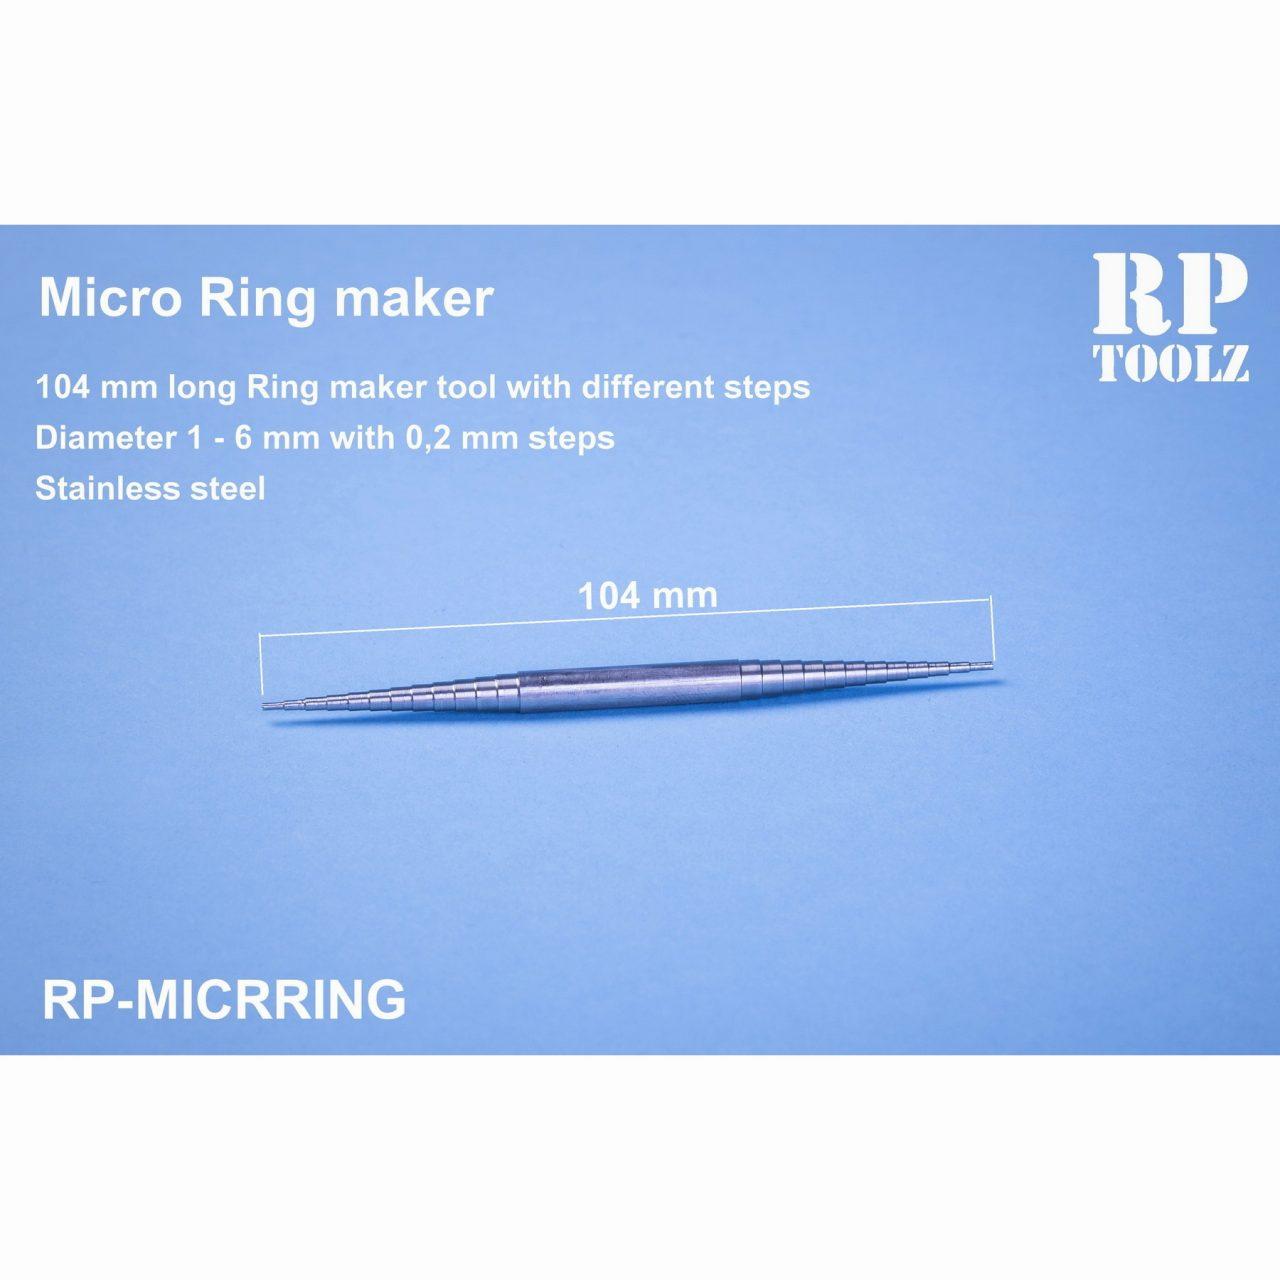 【新製品】RP-MICRING マイクロリングメイカー